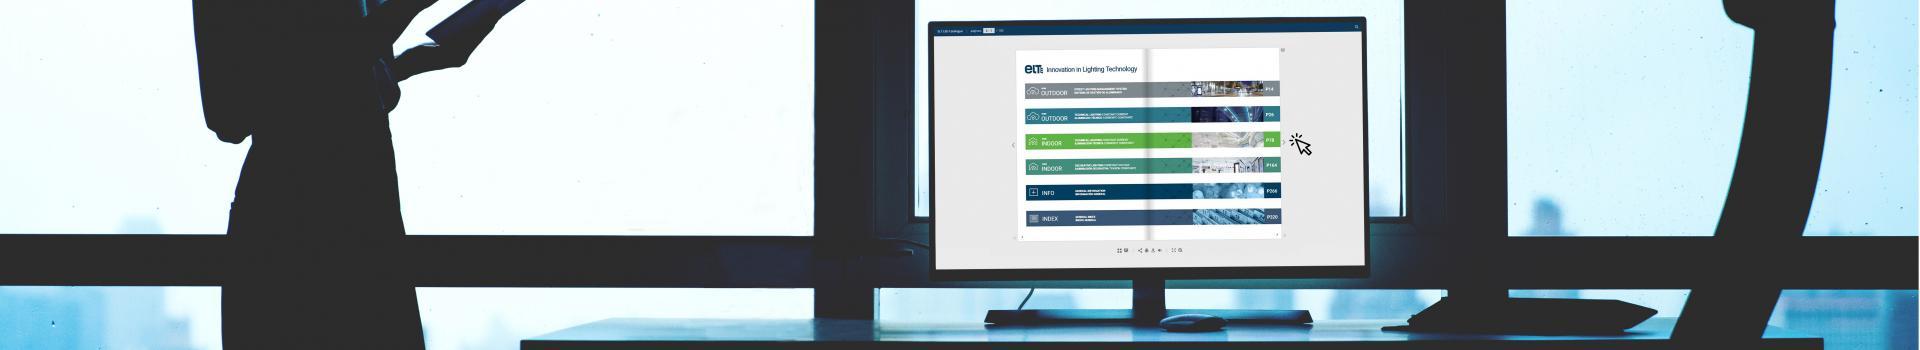 Catalogos interactivos ELT